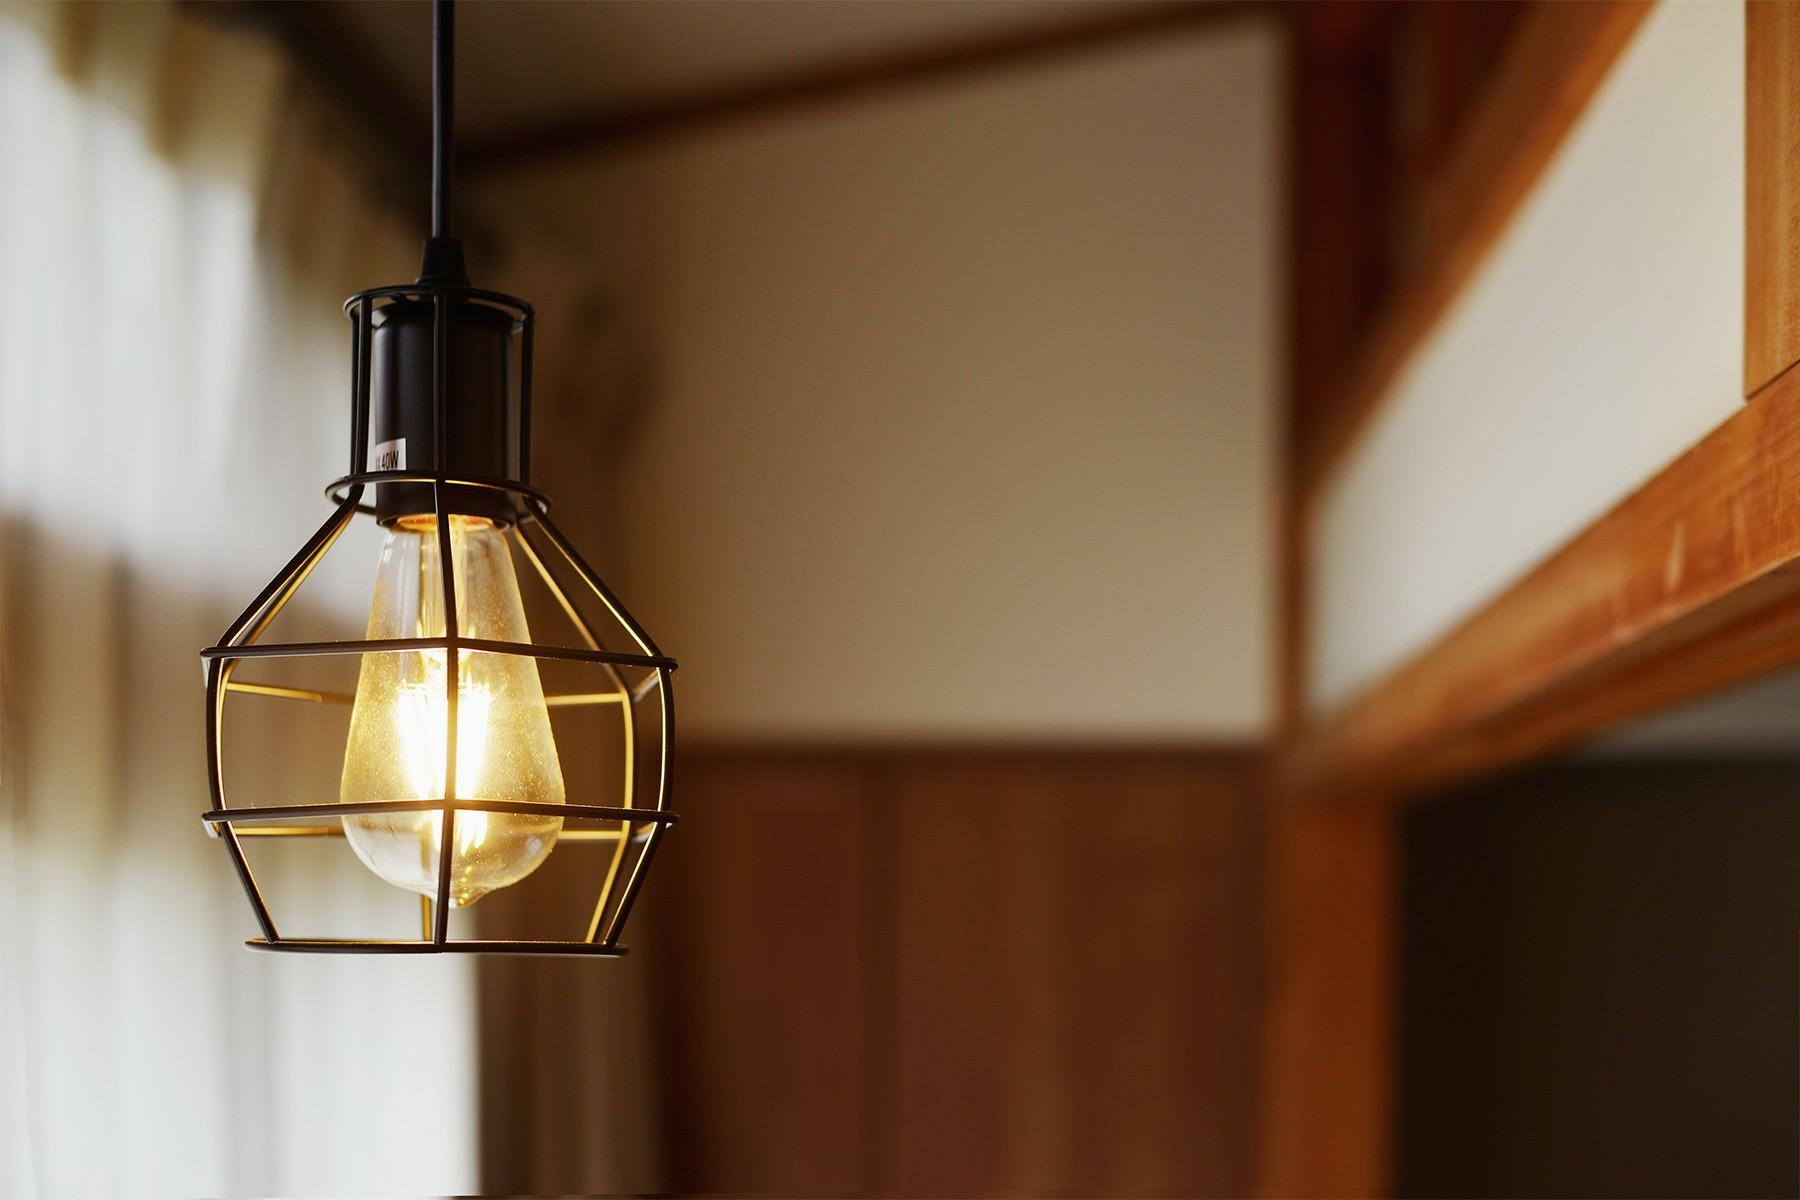 その他事例:2F廊下のペンダント照明(川崎市H様邸 ~レトロに家を育む~)